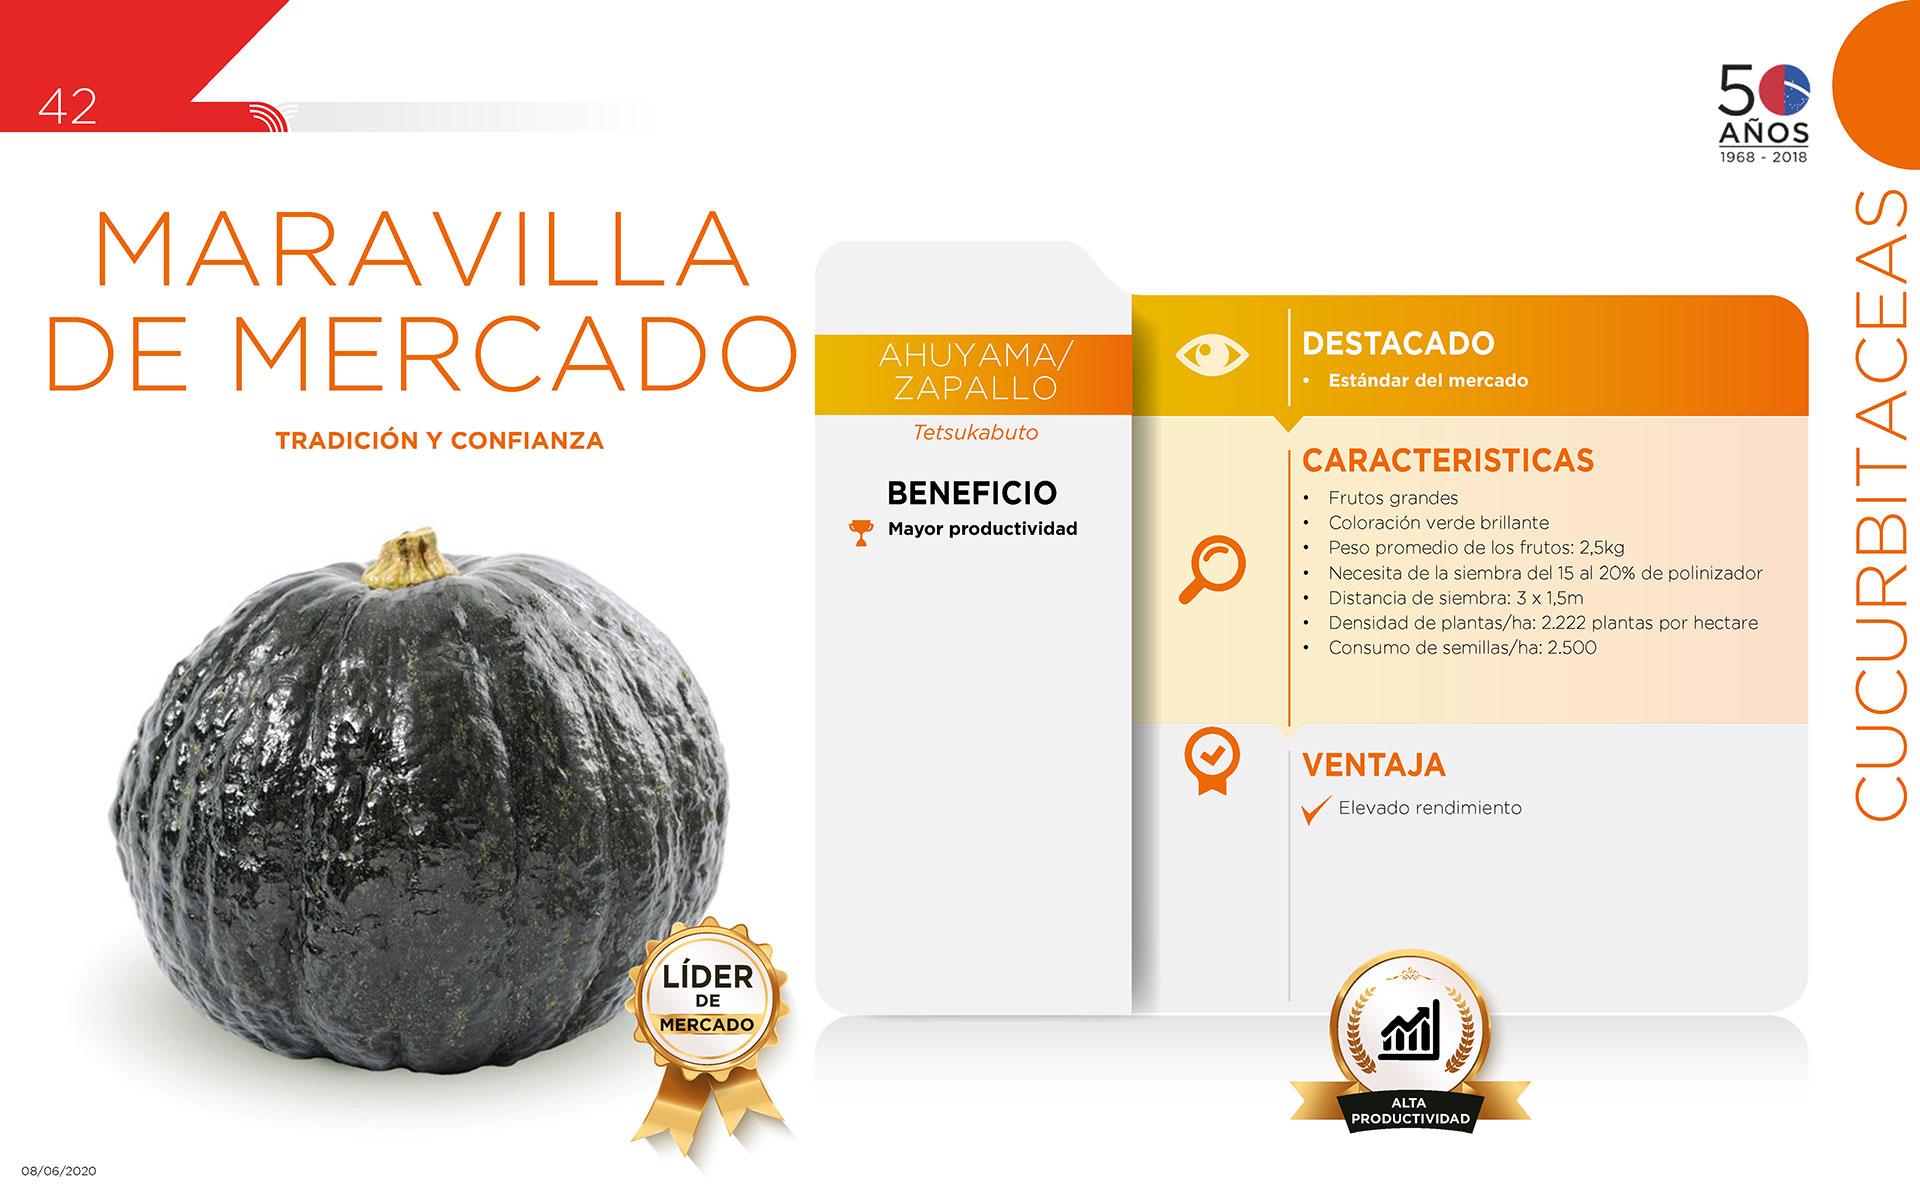 Maravilla de Mercado - Cucurbitaceas